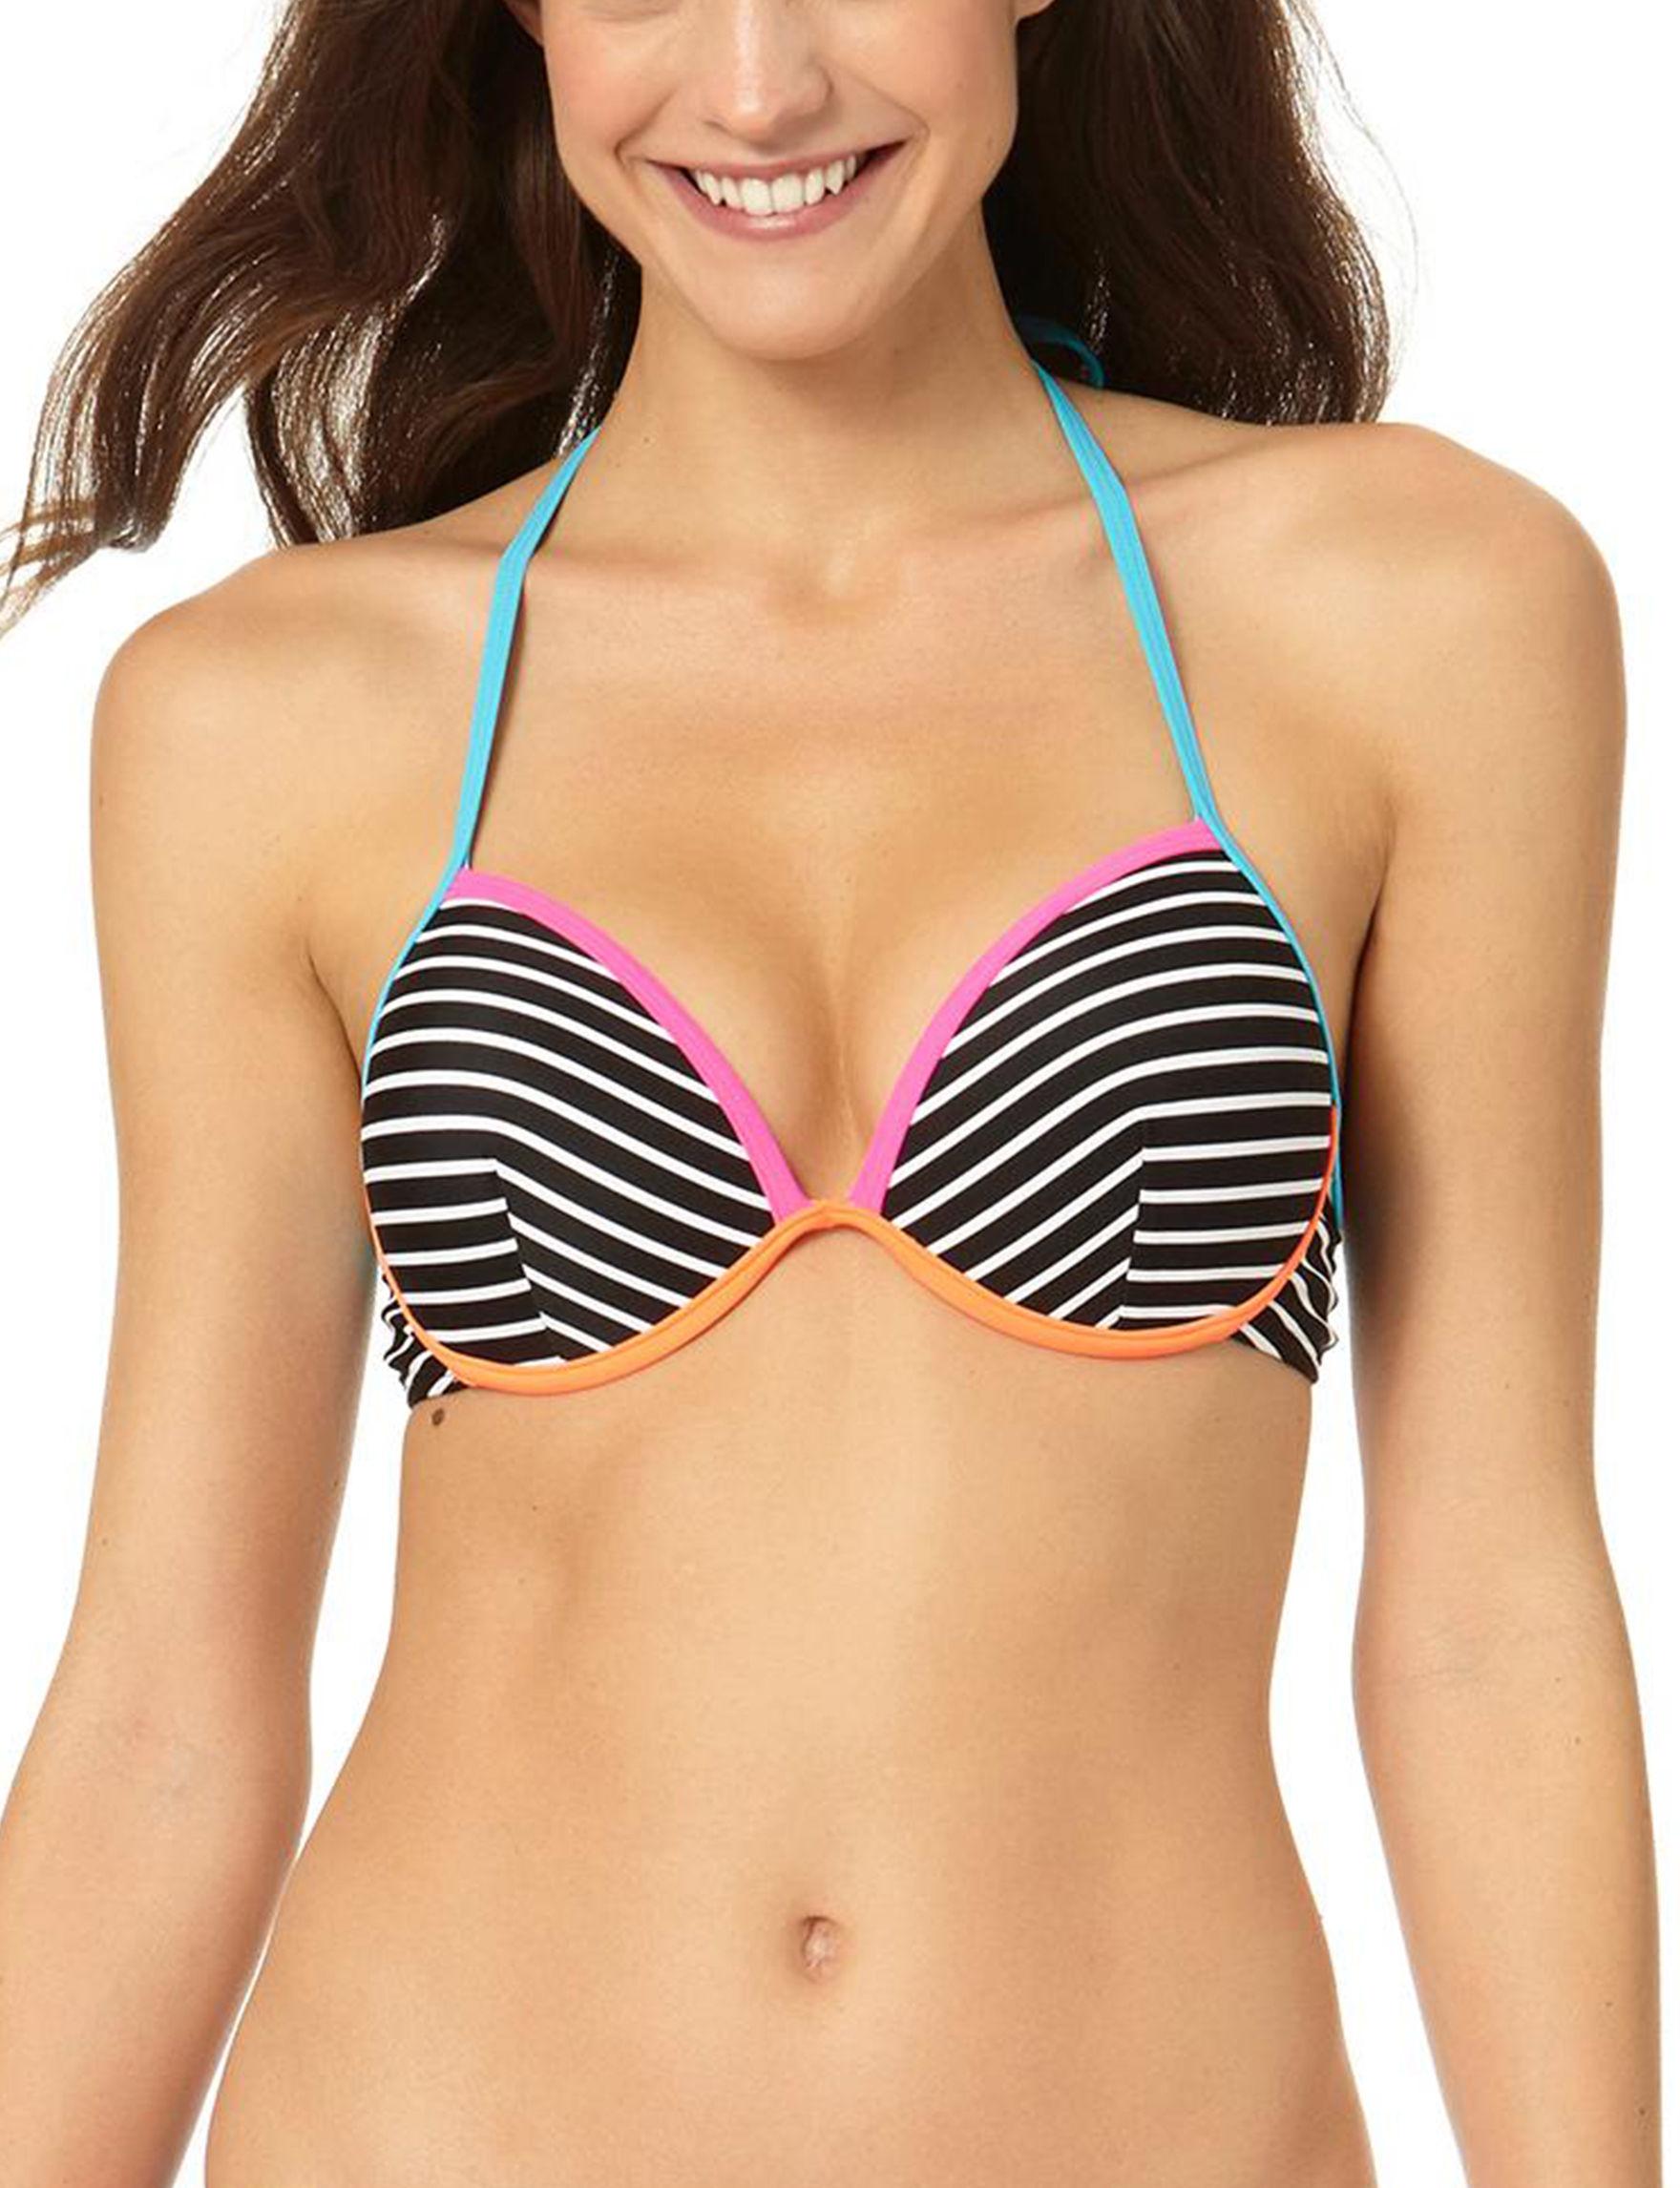 In Mocean Black / White Swimsuit Tops Bralette Push Up